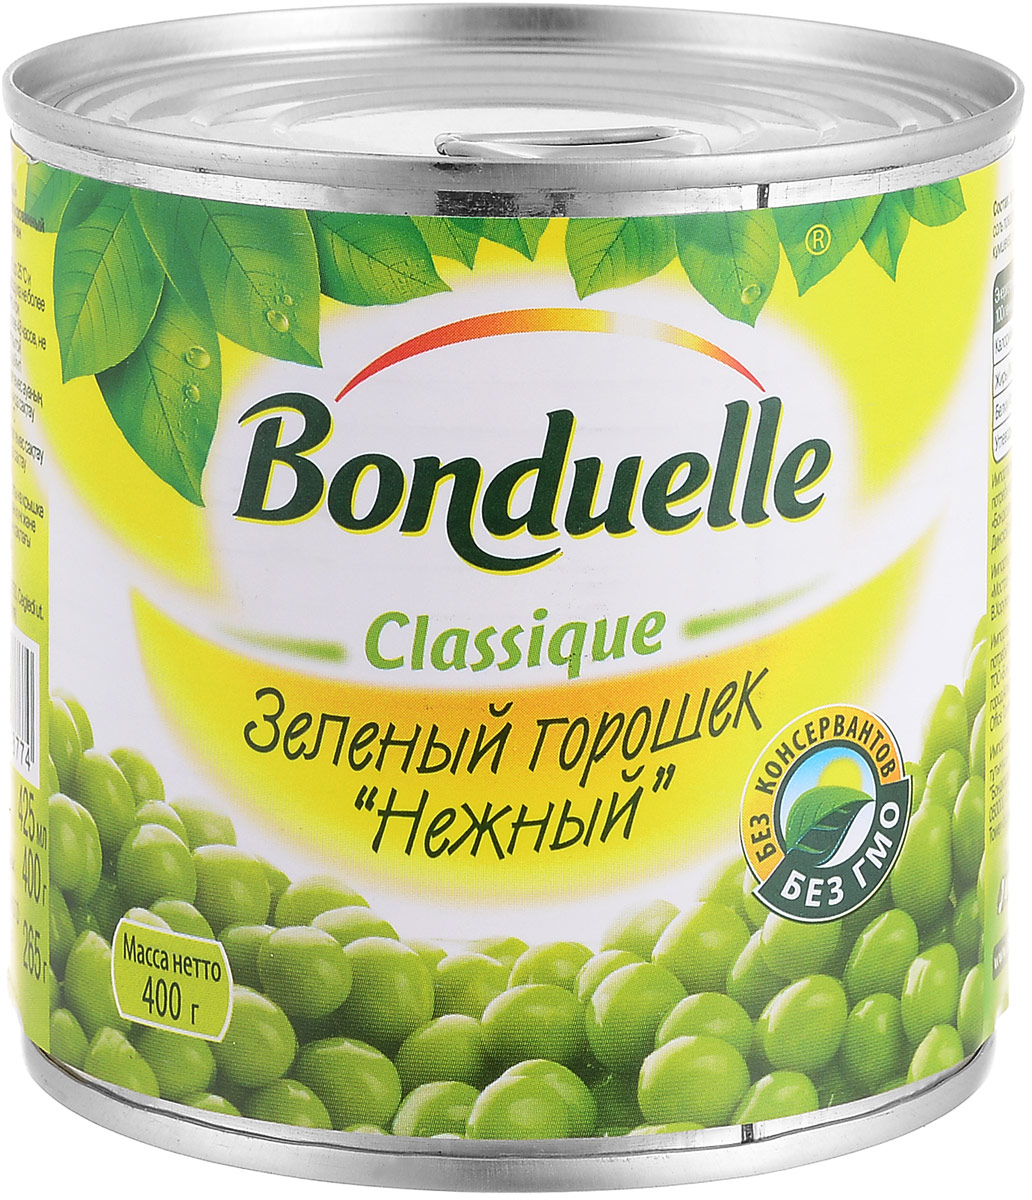 Bonduelle зеленый горошек Нежный, 400 г олег ольхов рыба морепродукты на вашем столе